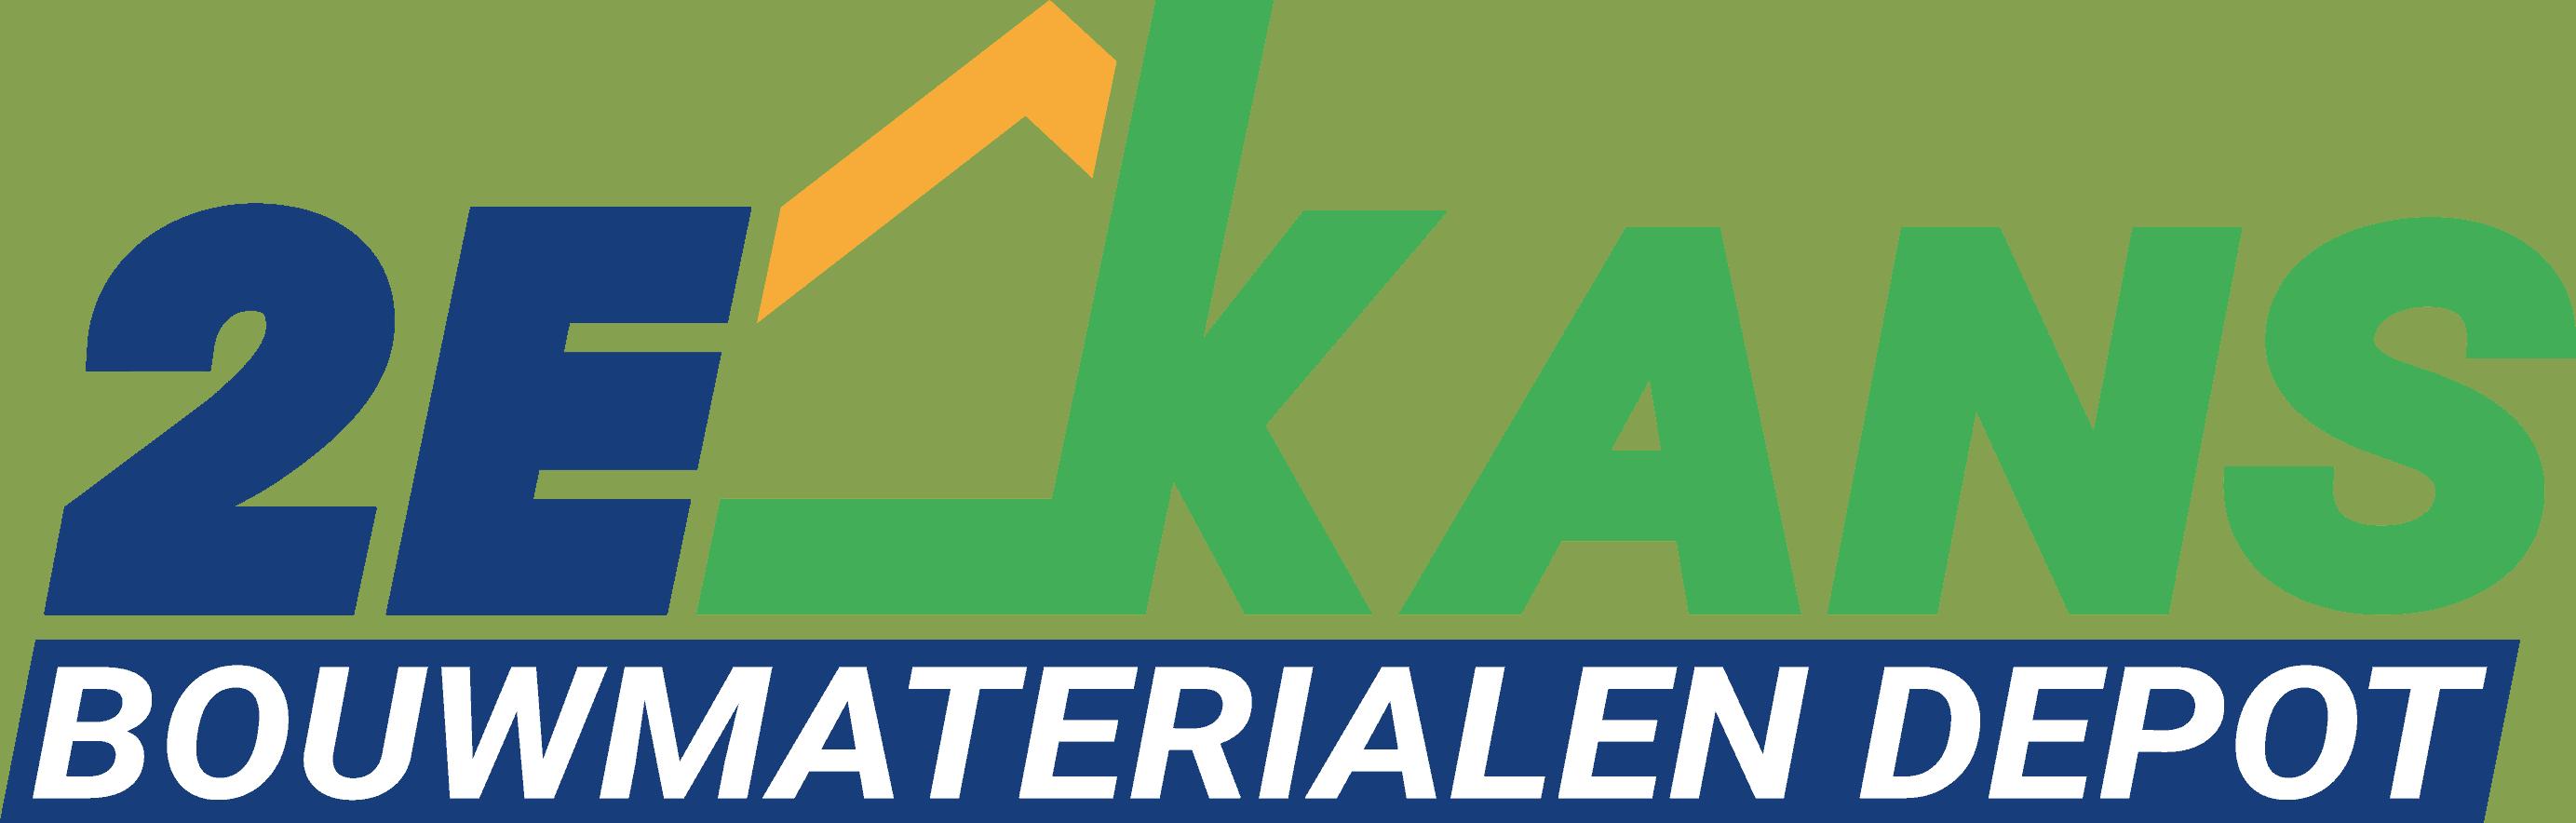 2ekansbouwmaterialen.nl